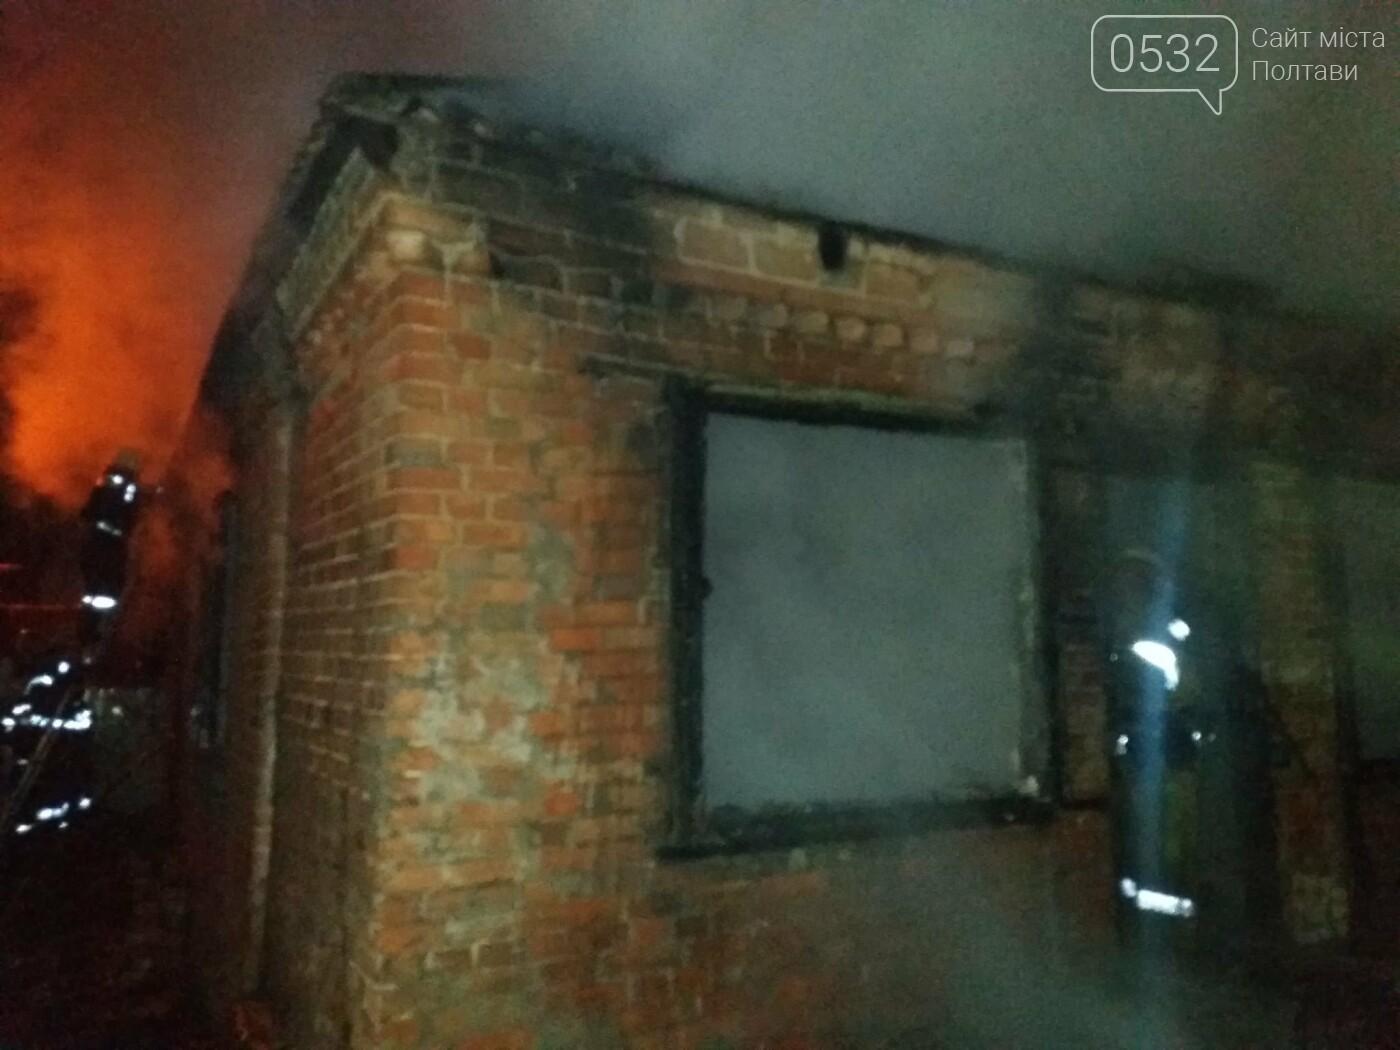 Вночі у Полтаві сталася пожежа у приватному секторі, фото-6